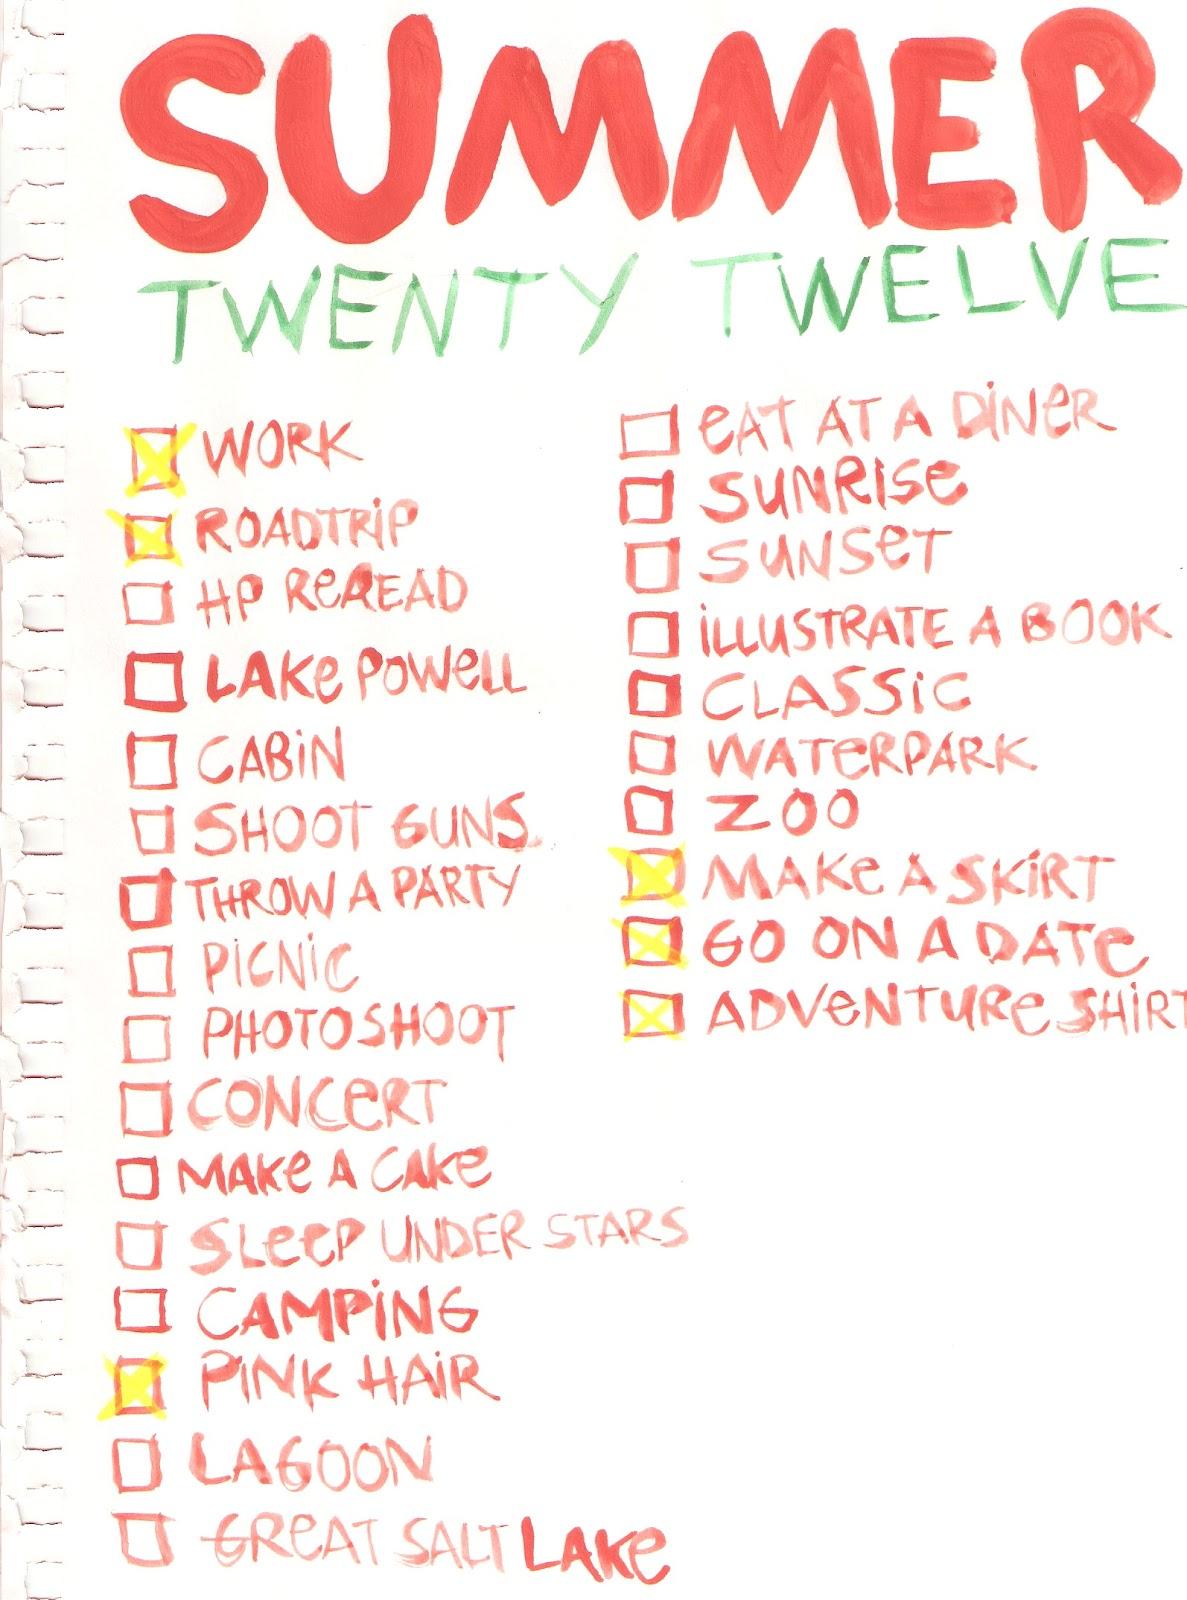 Summer Bucket List With Boyfriend Tumblr